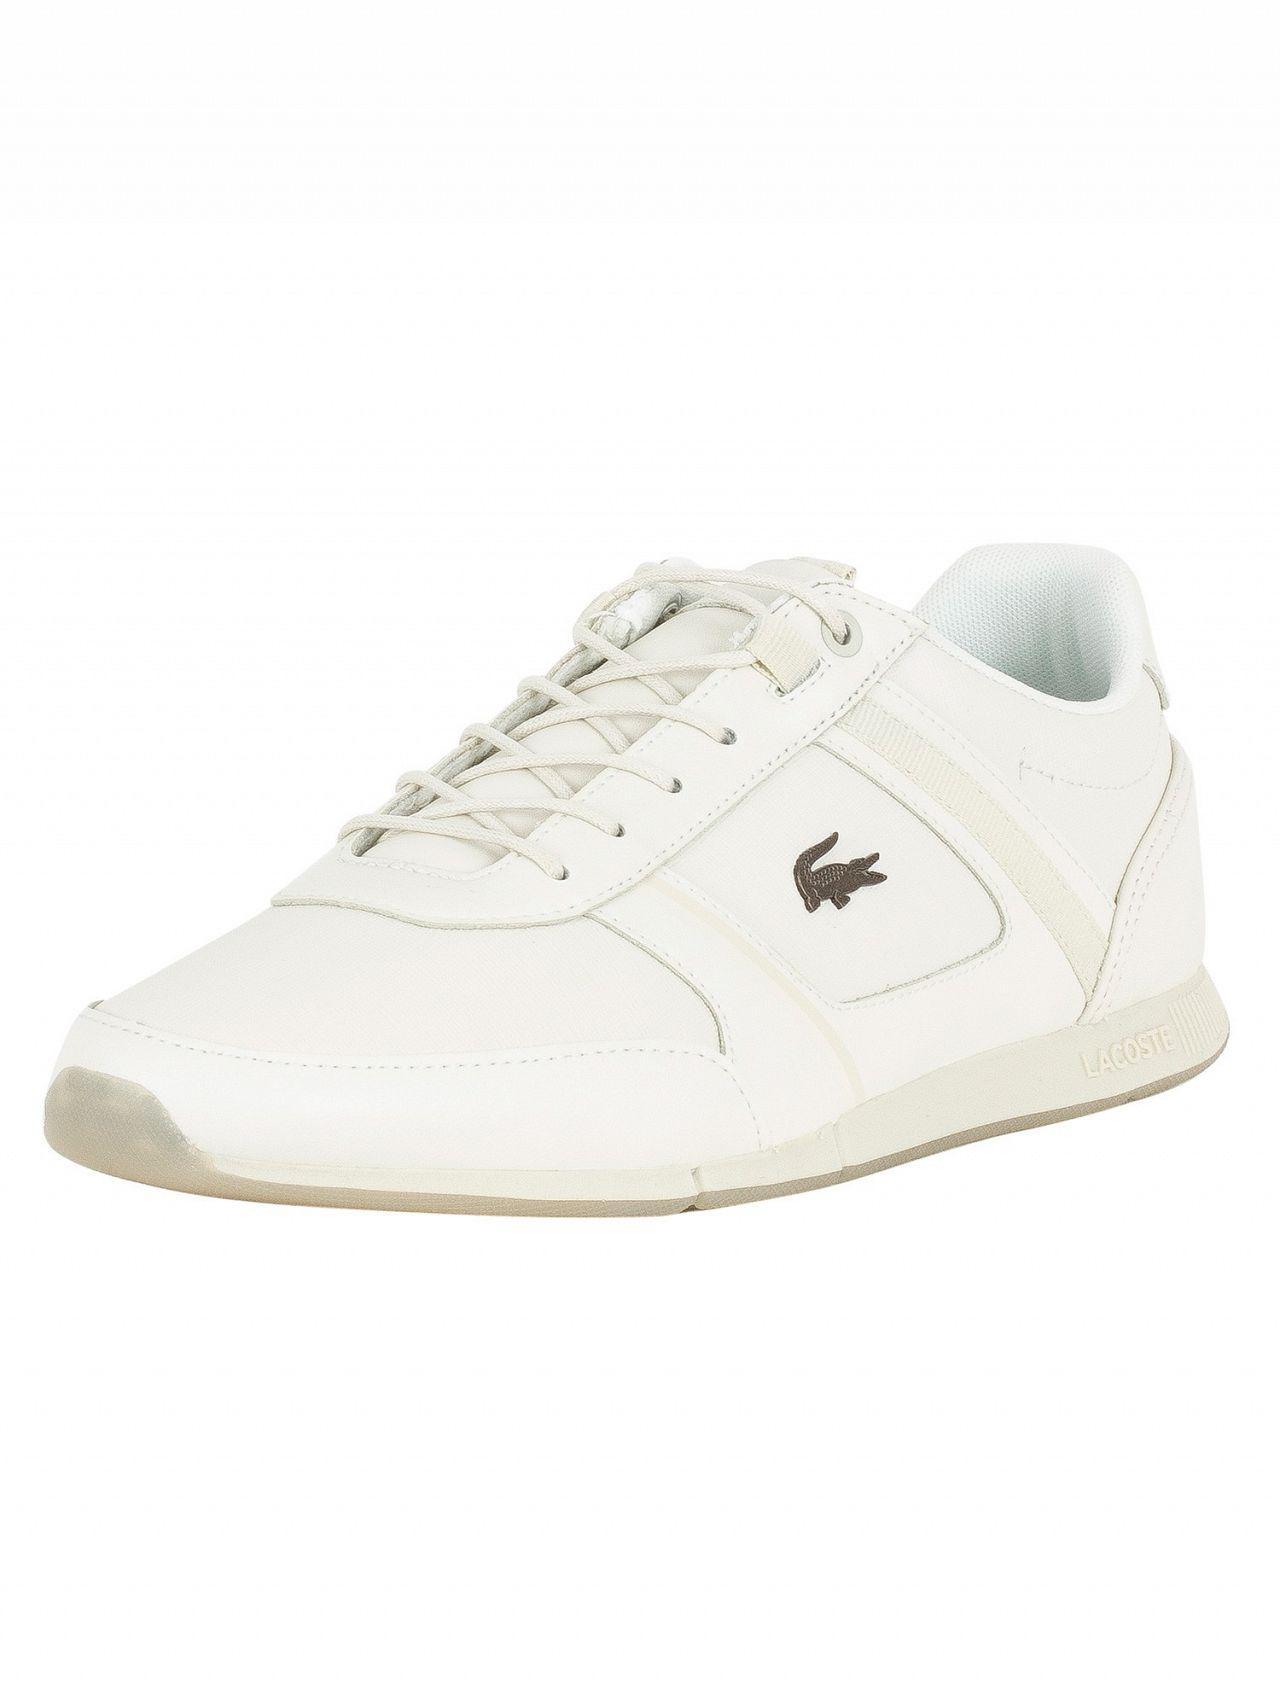 e9113cc8641783 Lyst - Lacoste Off White Menerva 318 2 Cam Trainers in White for Men